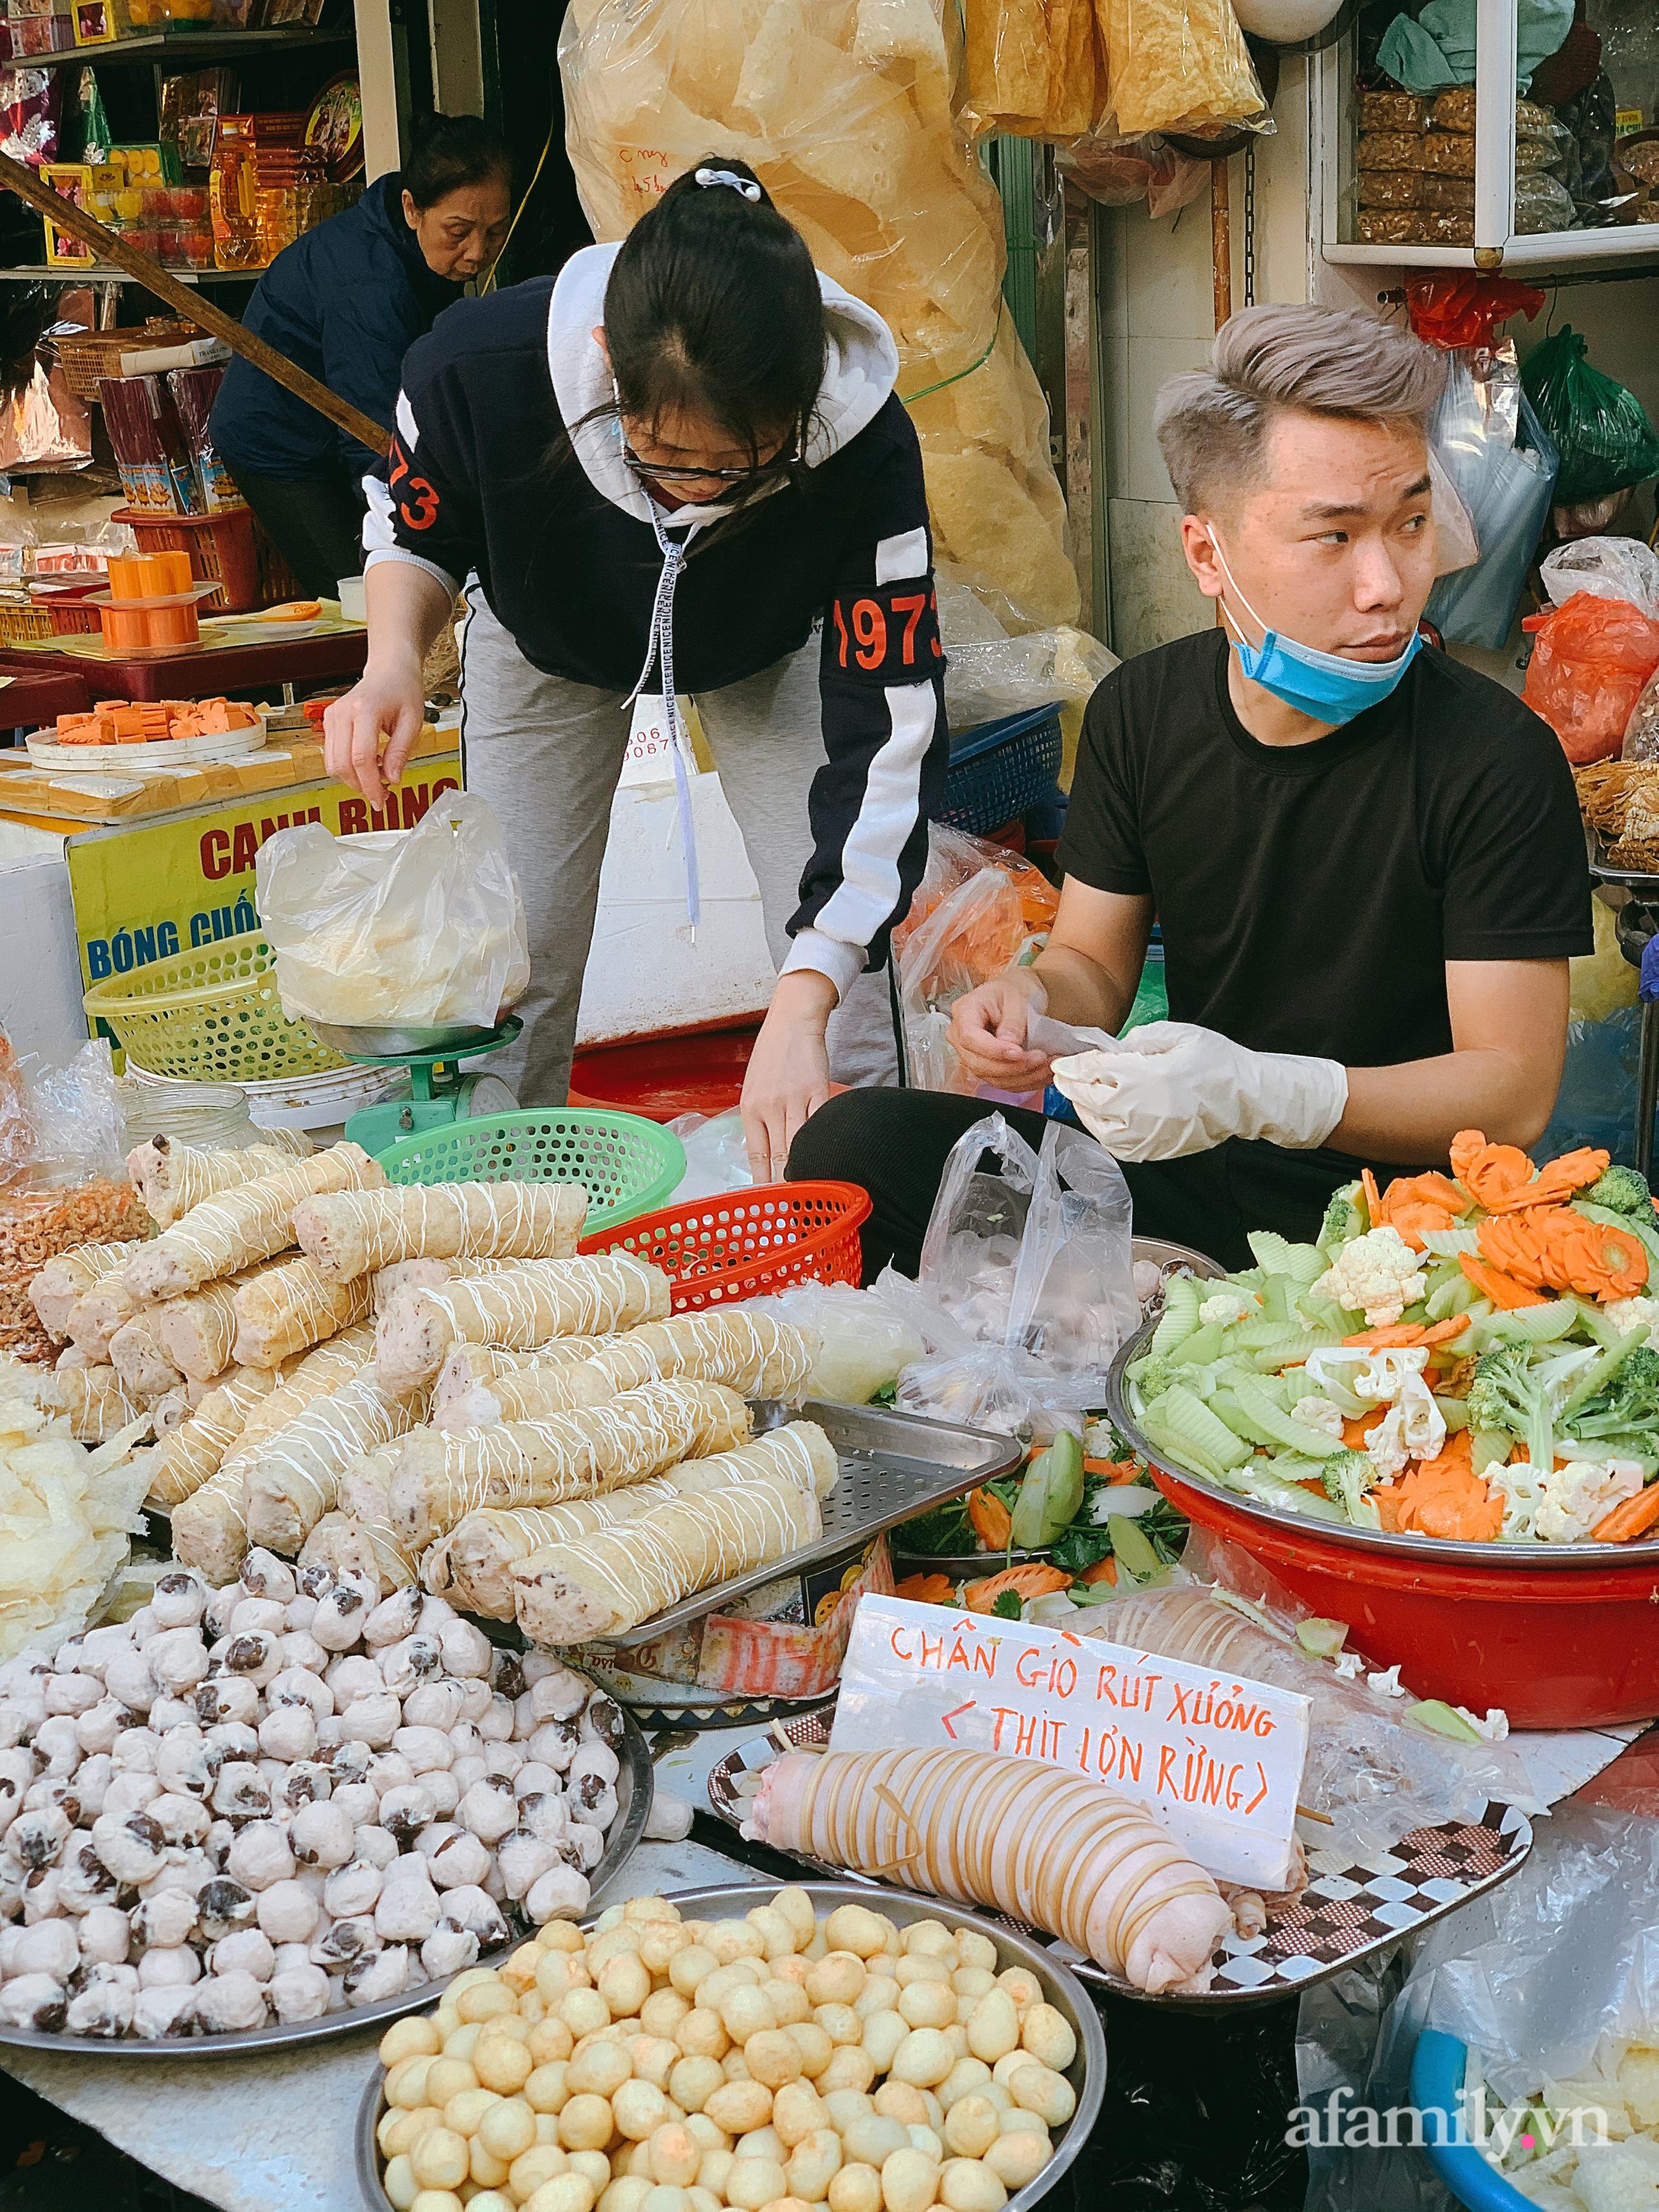 """30 Tết: Chợ Hàng Bè thất thủ, 1 triệu đồng/con gà bày mâm cỗ mà khách vẫn phải xếp hàng chờ """"dài cổ"""" - Ảnh 13."""